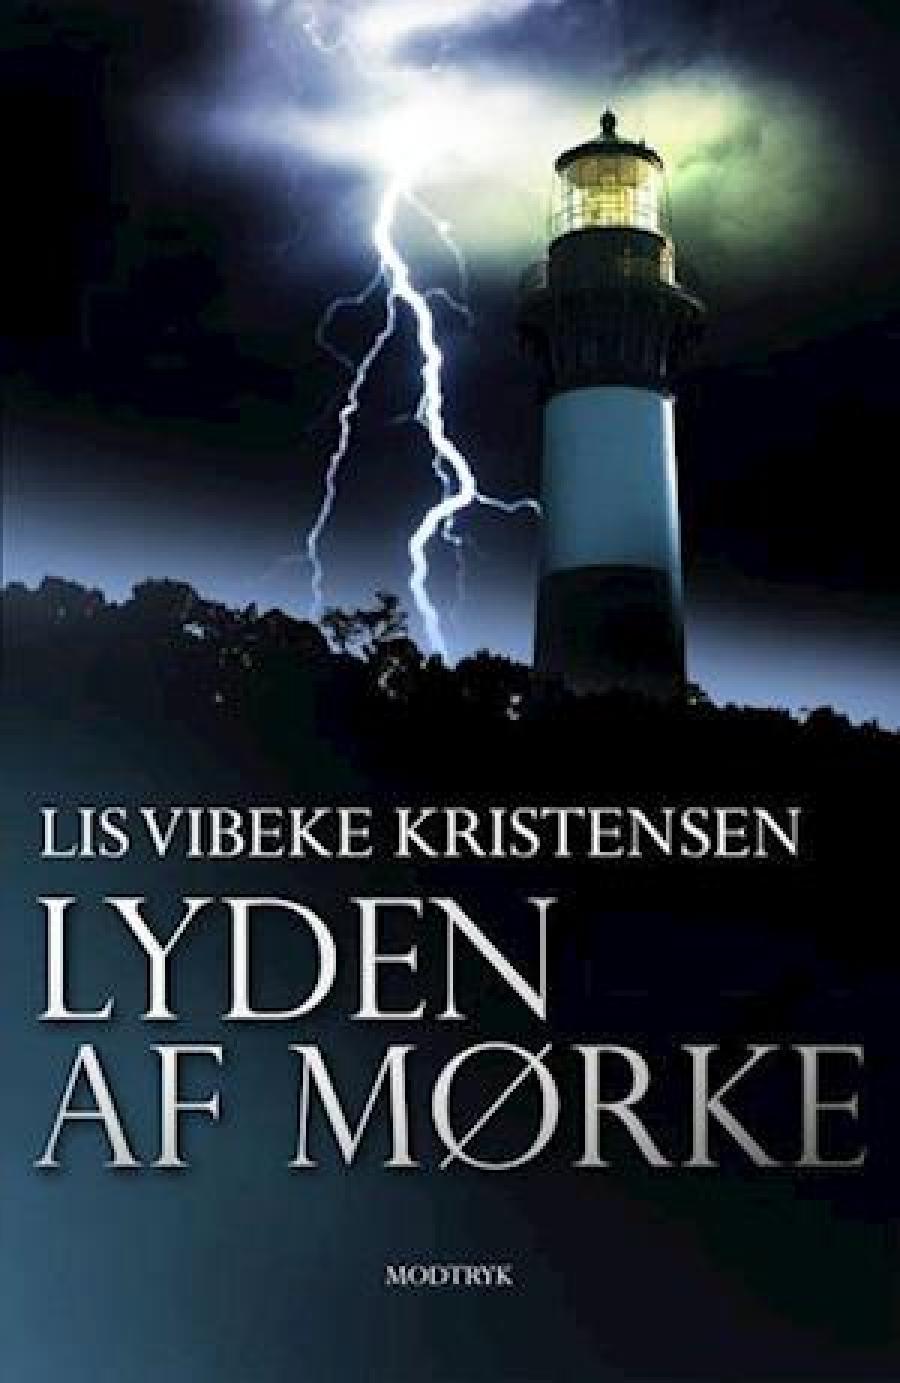 Lyden af mørke af Lis Vibeke Kristensen